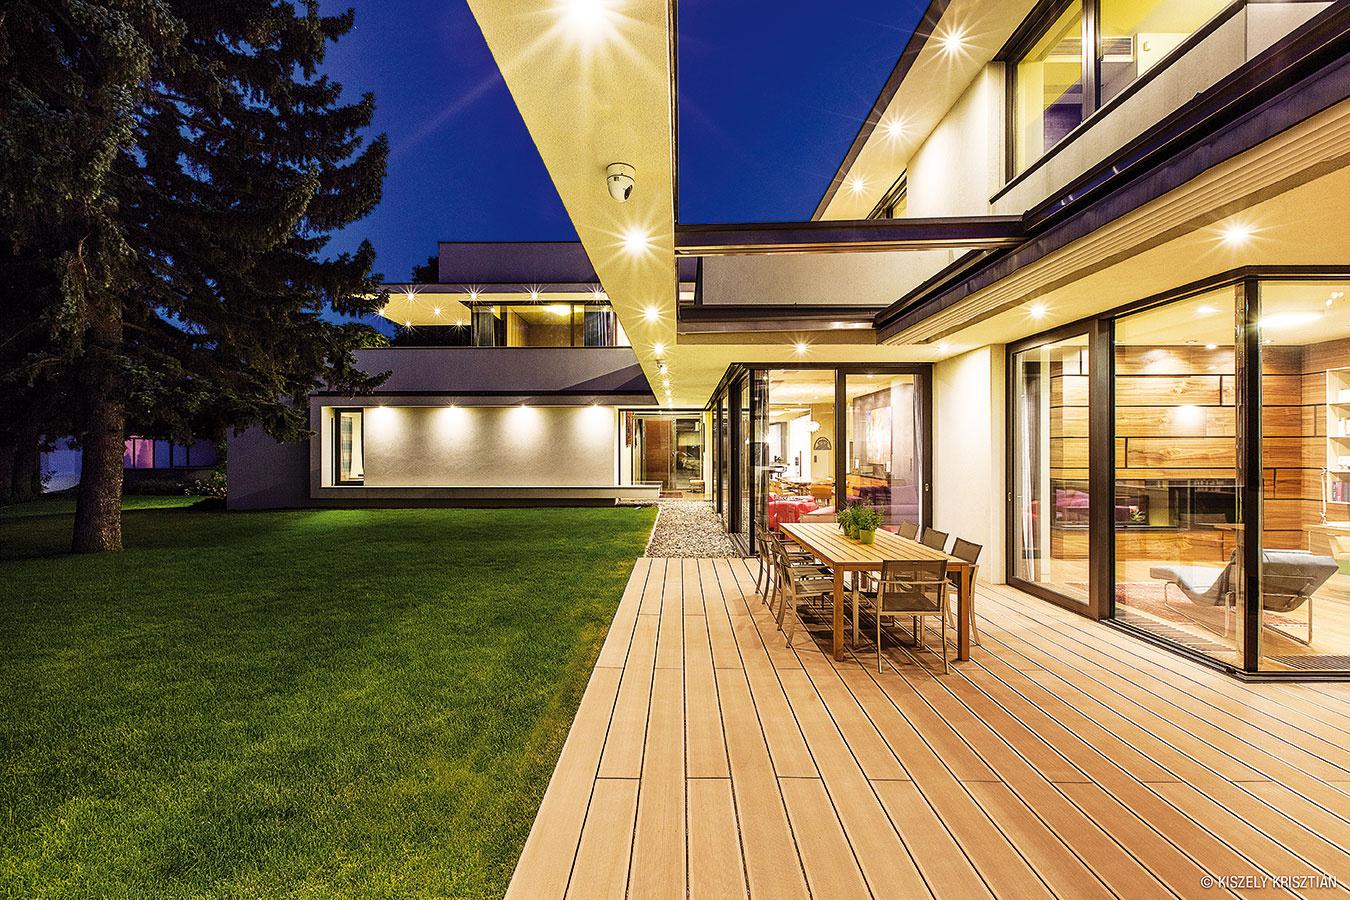 Nočný efekt. Sklené bariéry medzi interiérom aexteriérom pôsobia pri pohľade do osvetleného domu za tmy ešte vágnejšie.